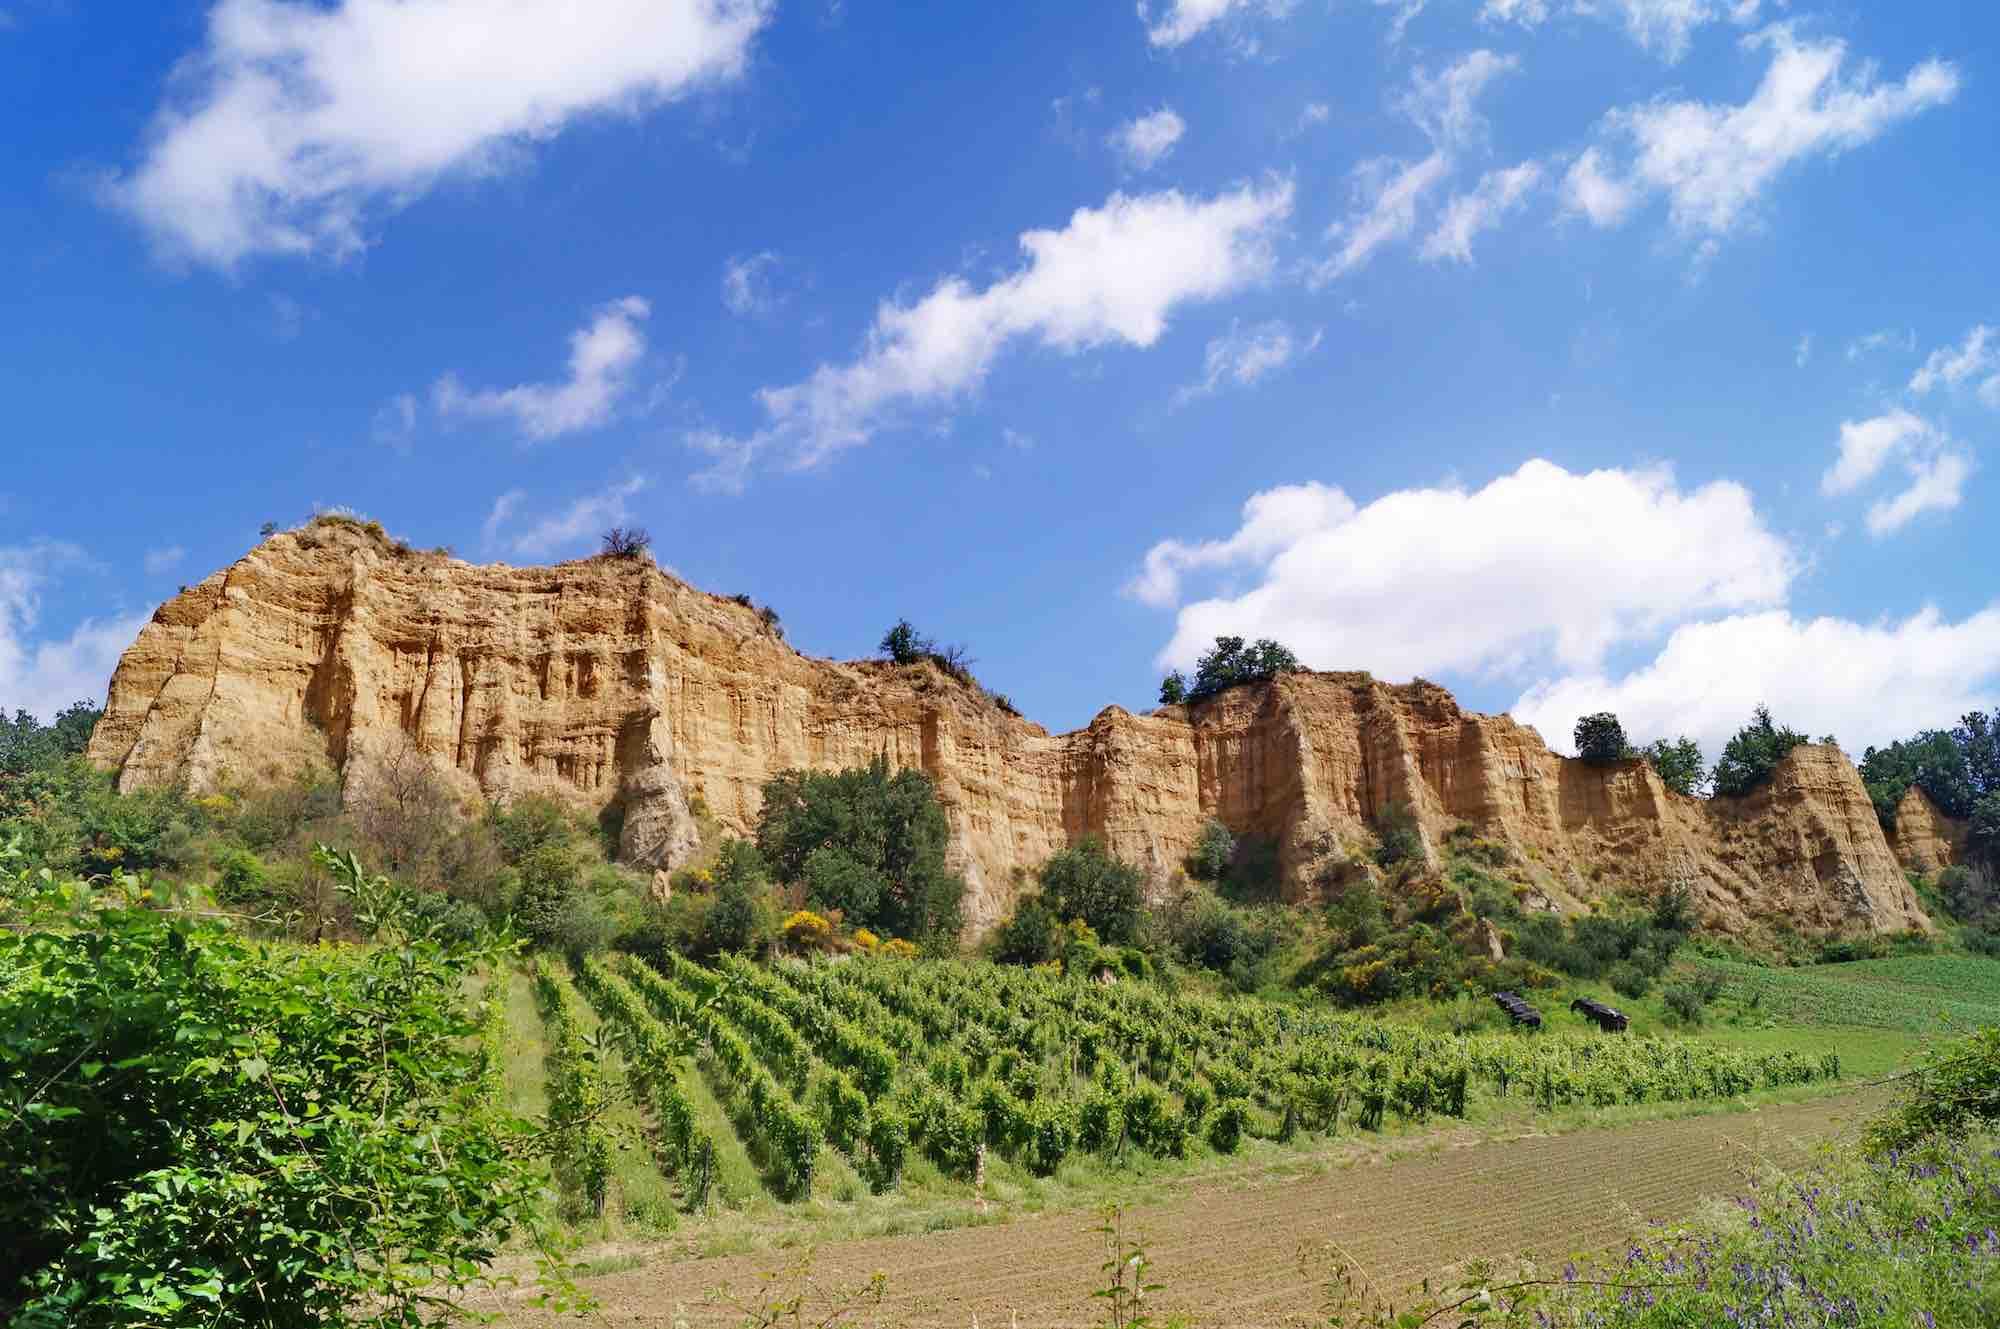 Castelfranco Piandiscò è uno dei 23 borghi più belli d'Italia della Toscana, immerso nel magico paesaggio delle Balze del Valdarno Superiore